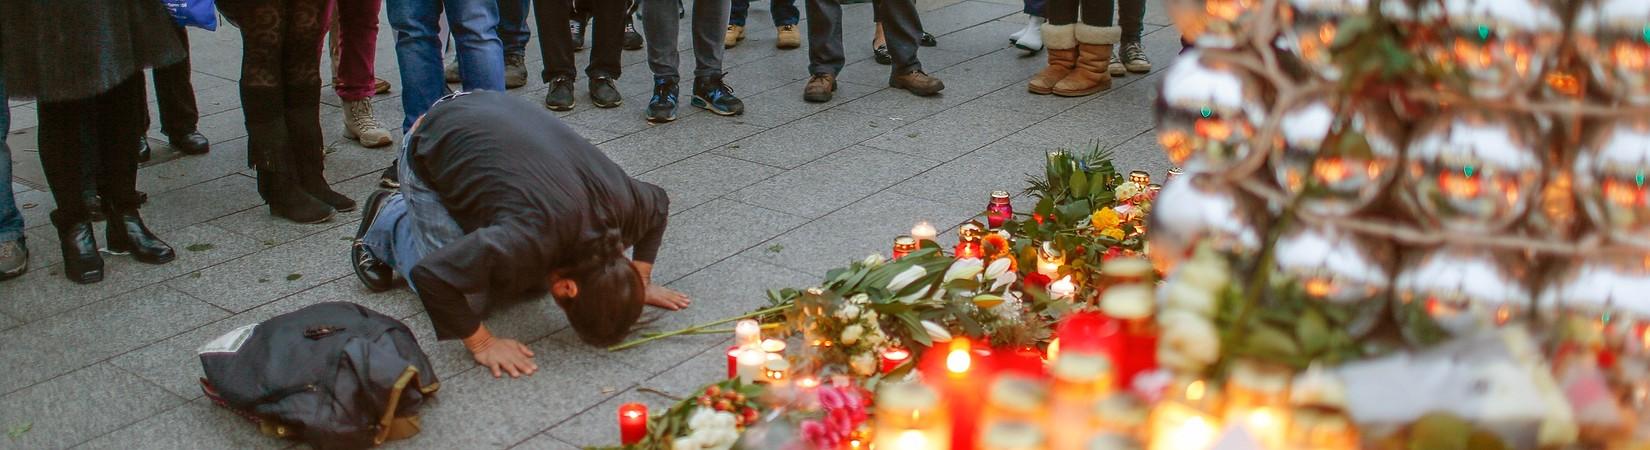 Continúa la búsqueda del conductor del camión del incidente de Berlín